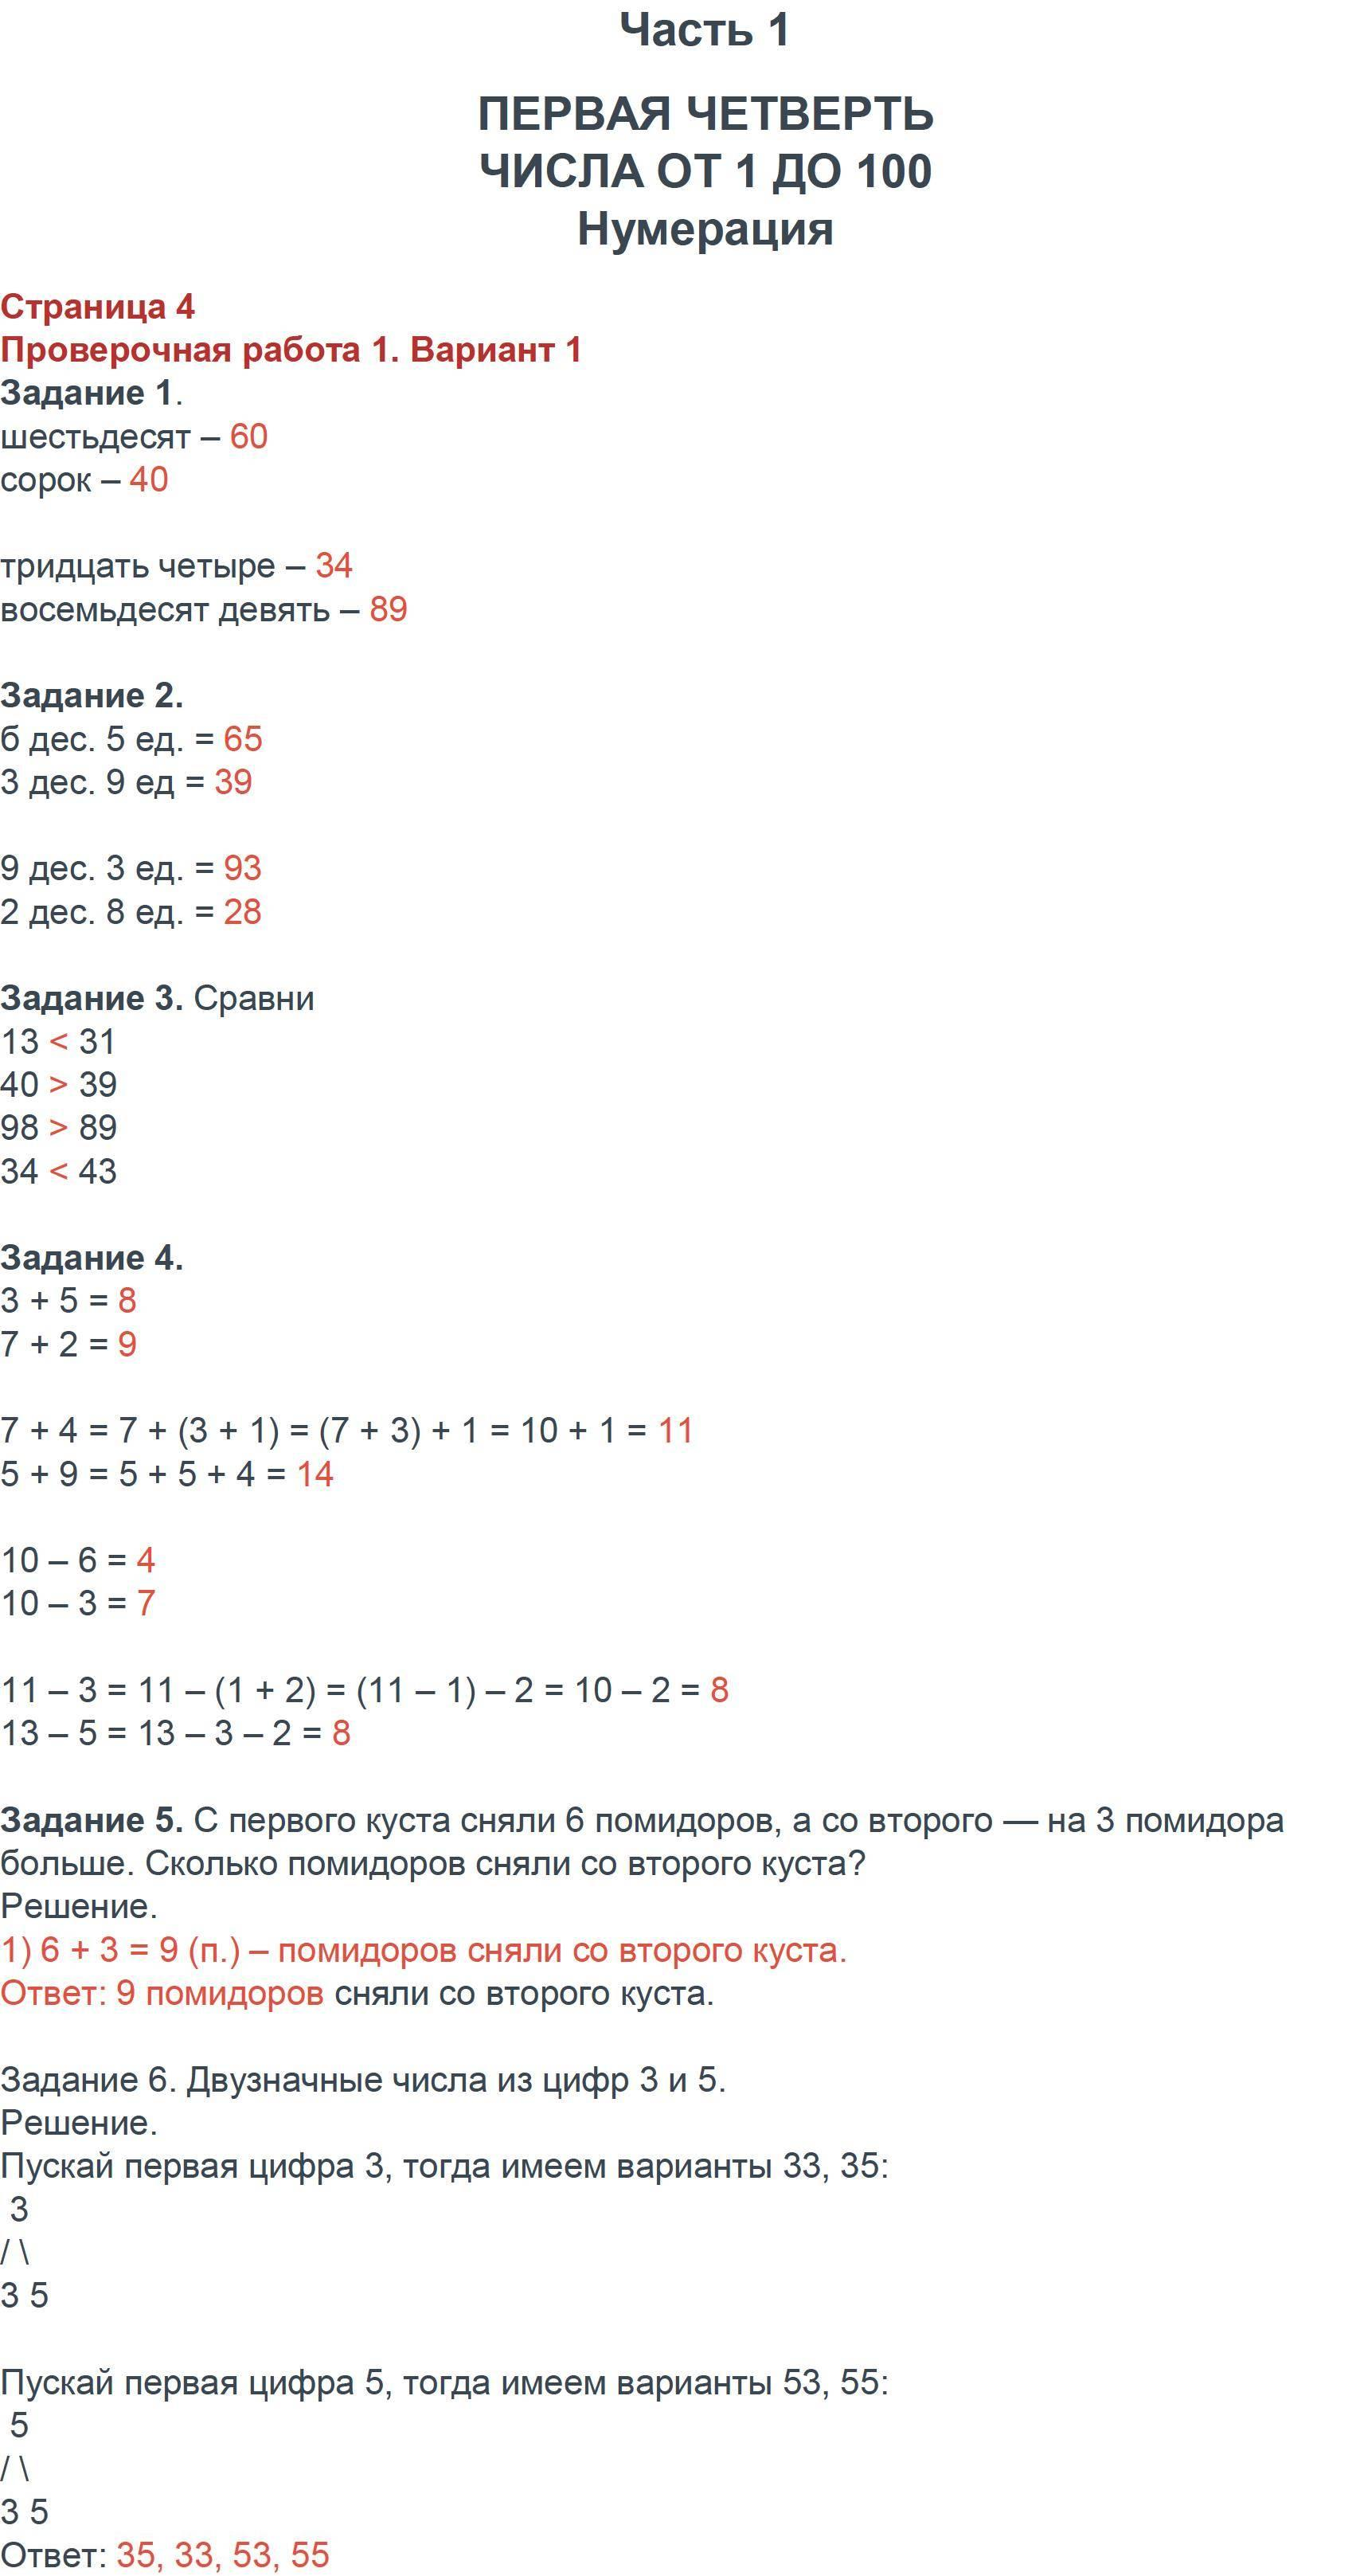 Задания из учебника: с.4 - решебник №2